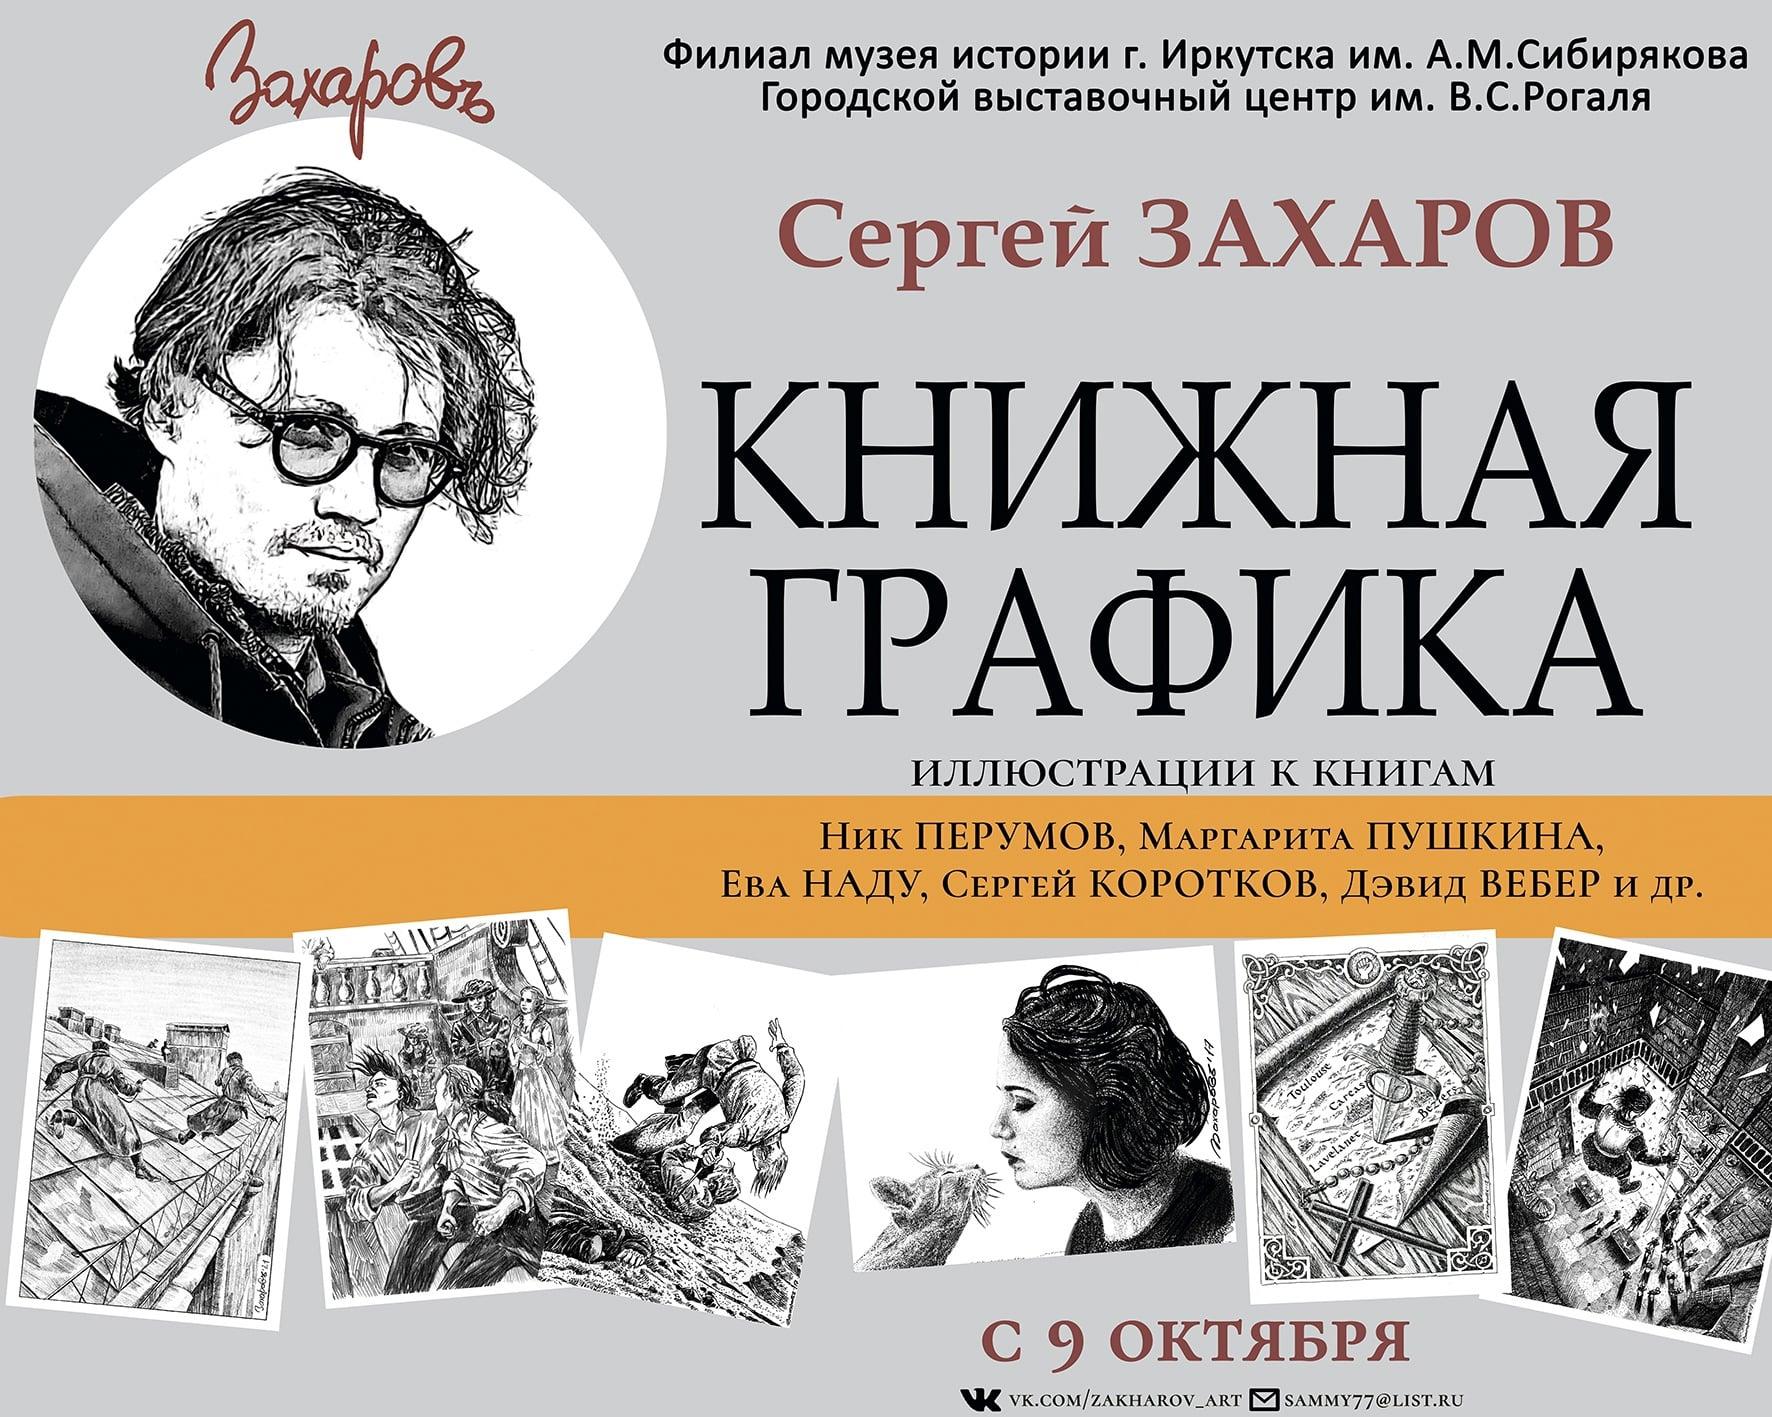 Сергей Захаров «Книжная графика»